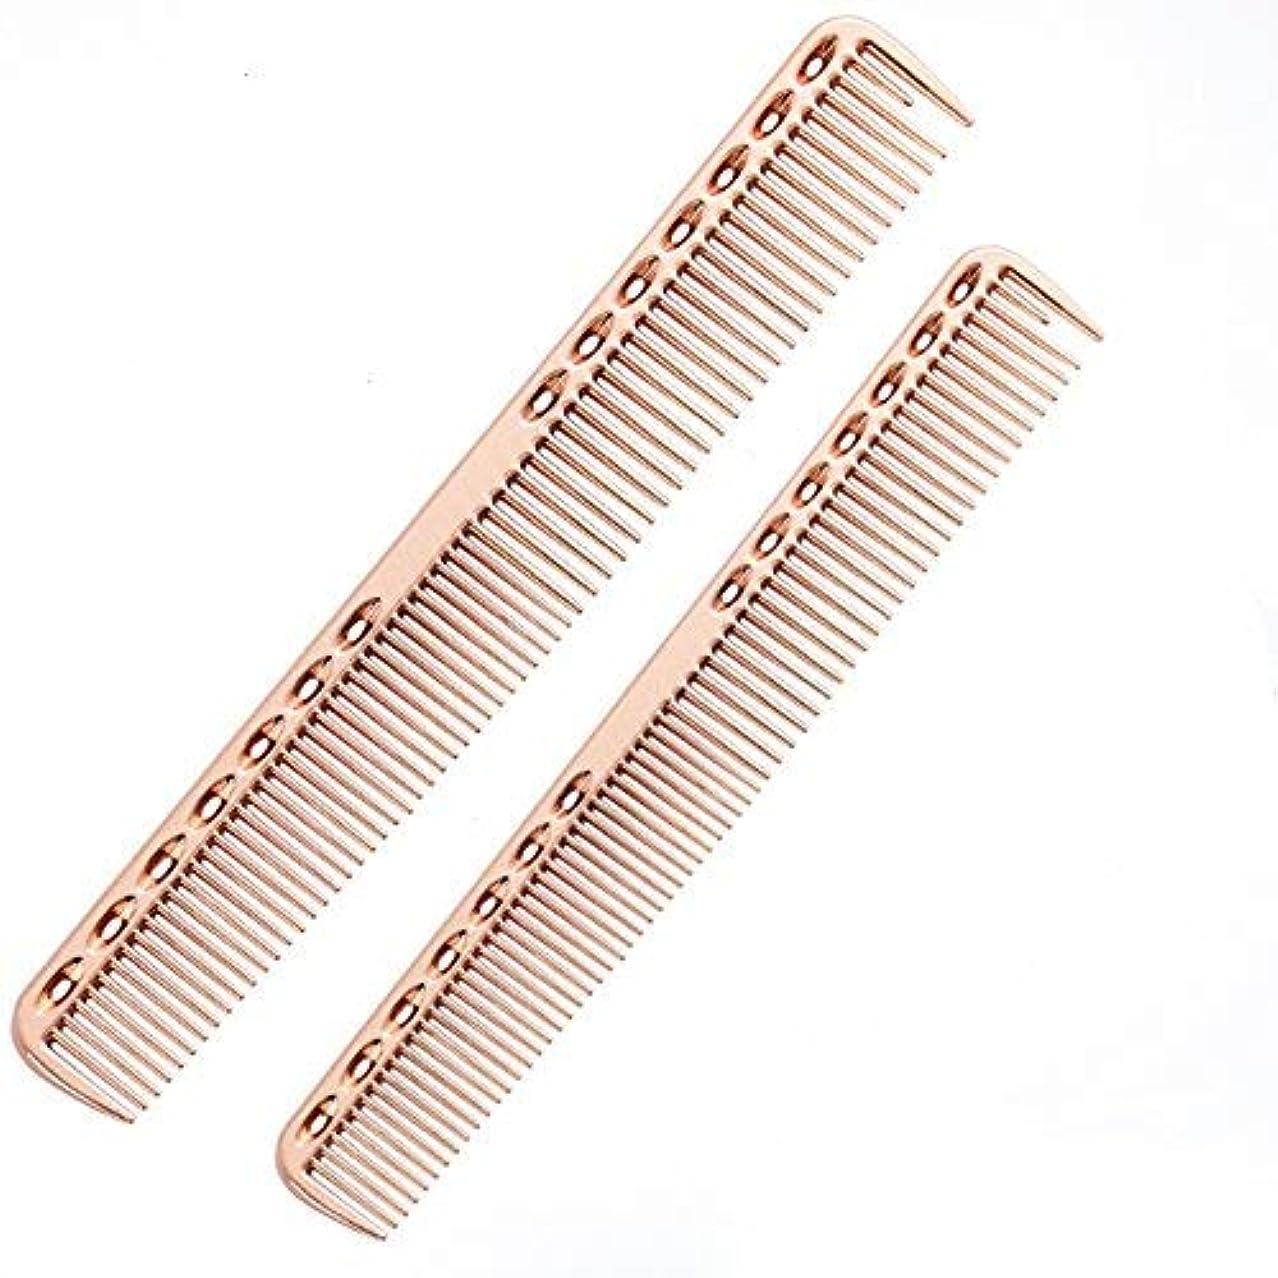 色擬人化たとえSMITH CHU Professional Space Aluminum Dressing Combs for Women - Best Styling Comb for Long,Wet or Curly, Reduce Hair Loss and Dandruff&Headache- No breakages (Rose Gold) [並行輸入品]